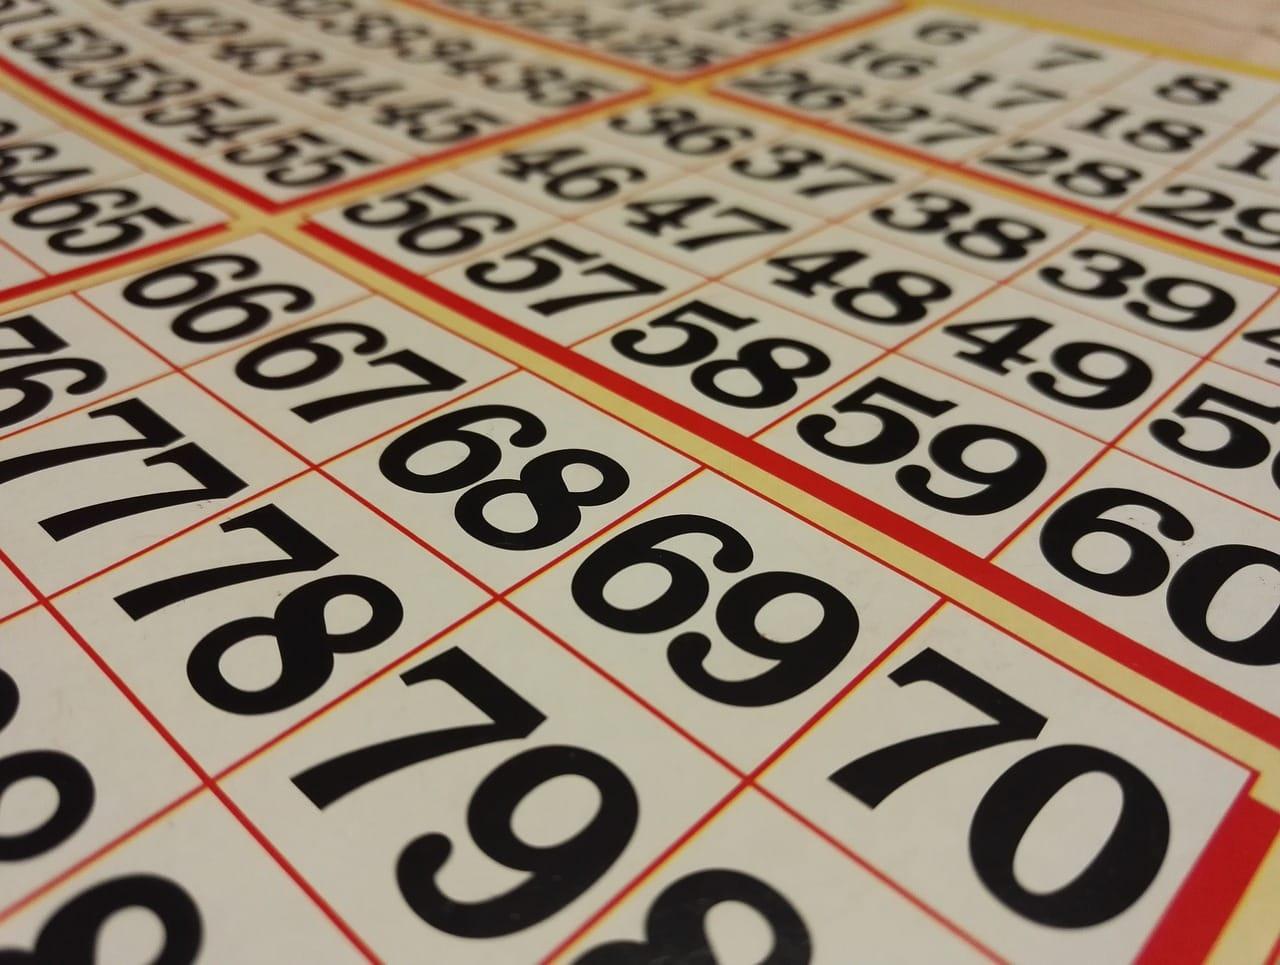 Online bingo image